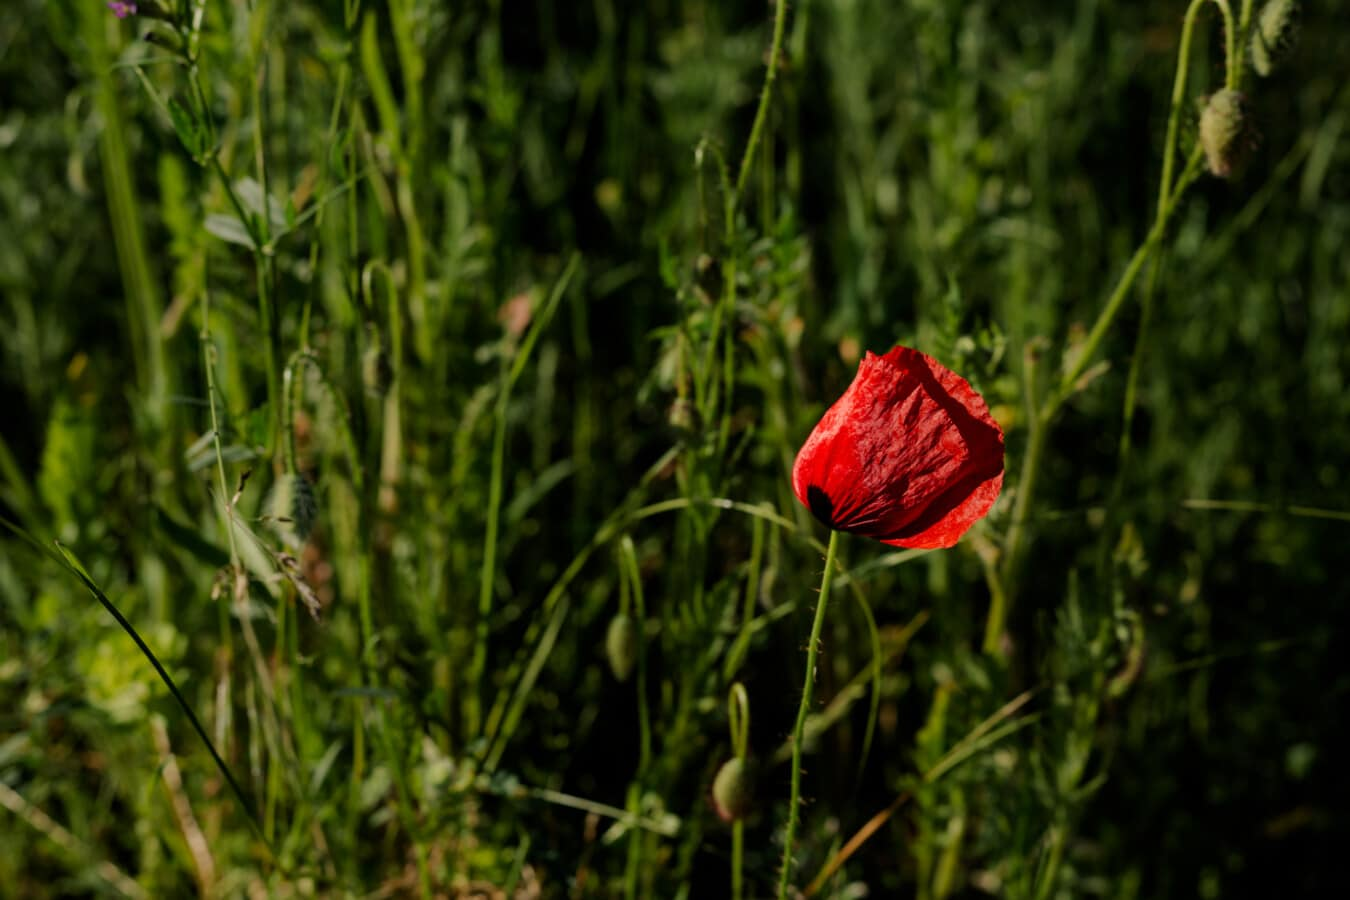 veličanstven, Mak, cvijet, trava biljka, Maka, polje, cvatanje, ljeto, biljka, cvijet